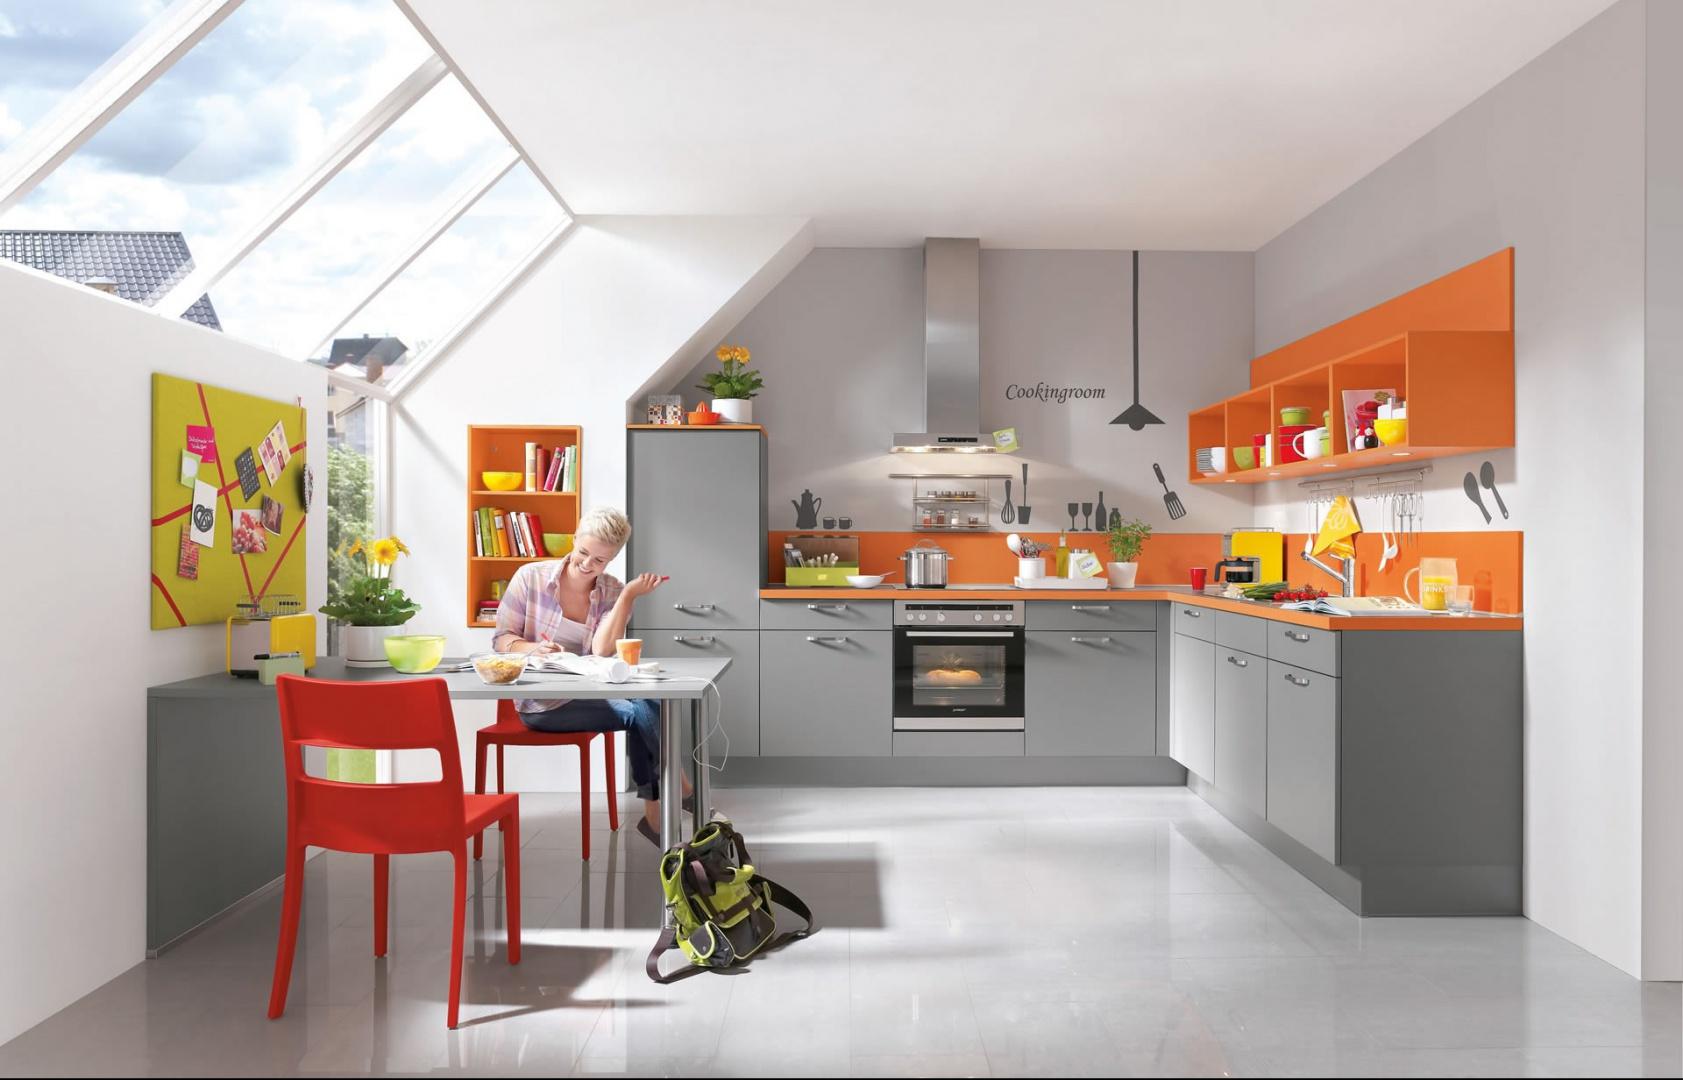 Połączenie koloru szarego i pomarańczowego stanowi idealny duet. Nadaje przestrzeni nowoczesny, ale i ciepły charakter. W takiej kuchni na pewno nigdy nie jest nudno. Fot. Nobilia.